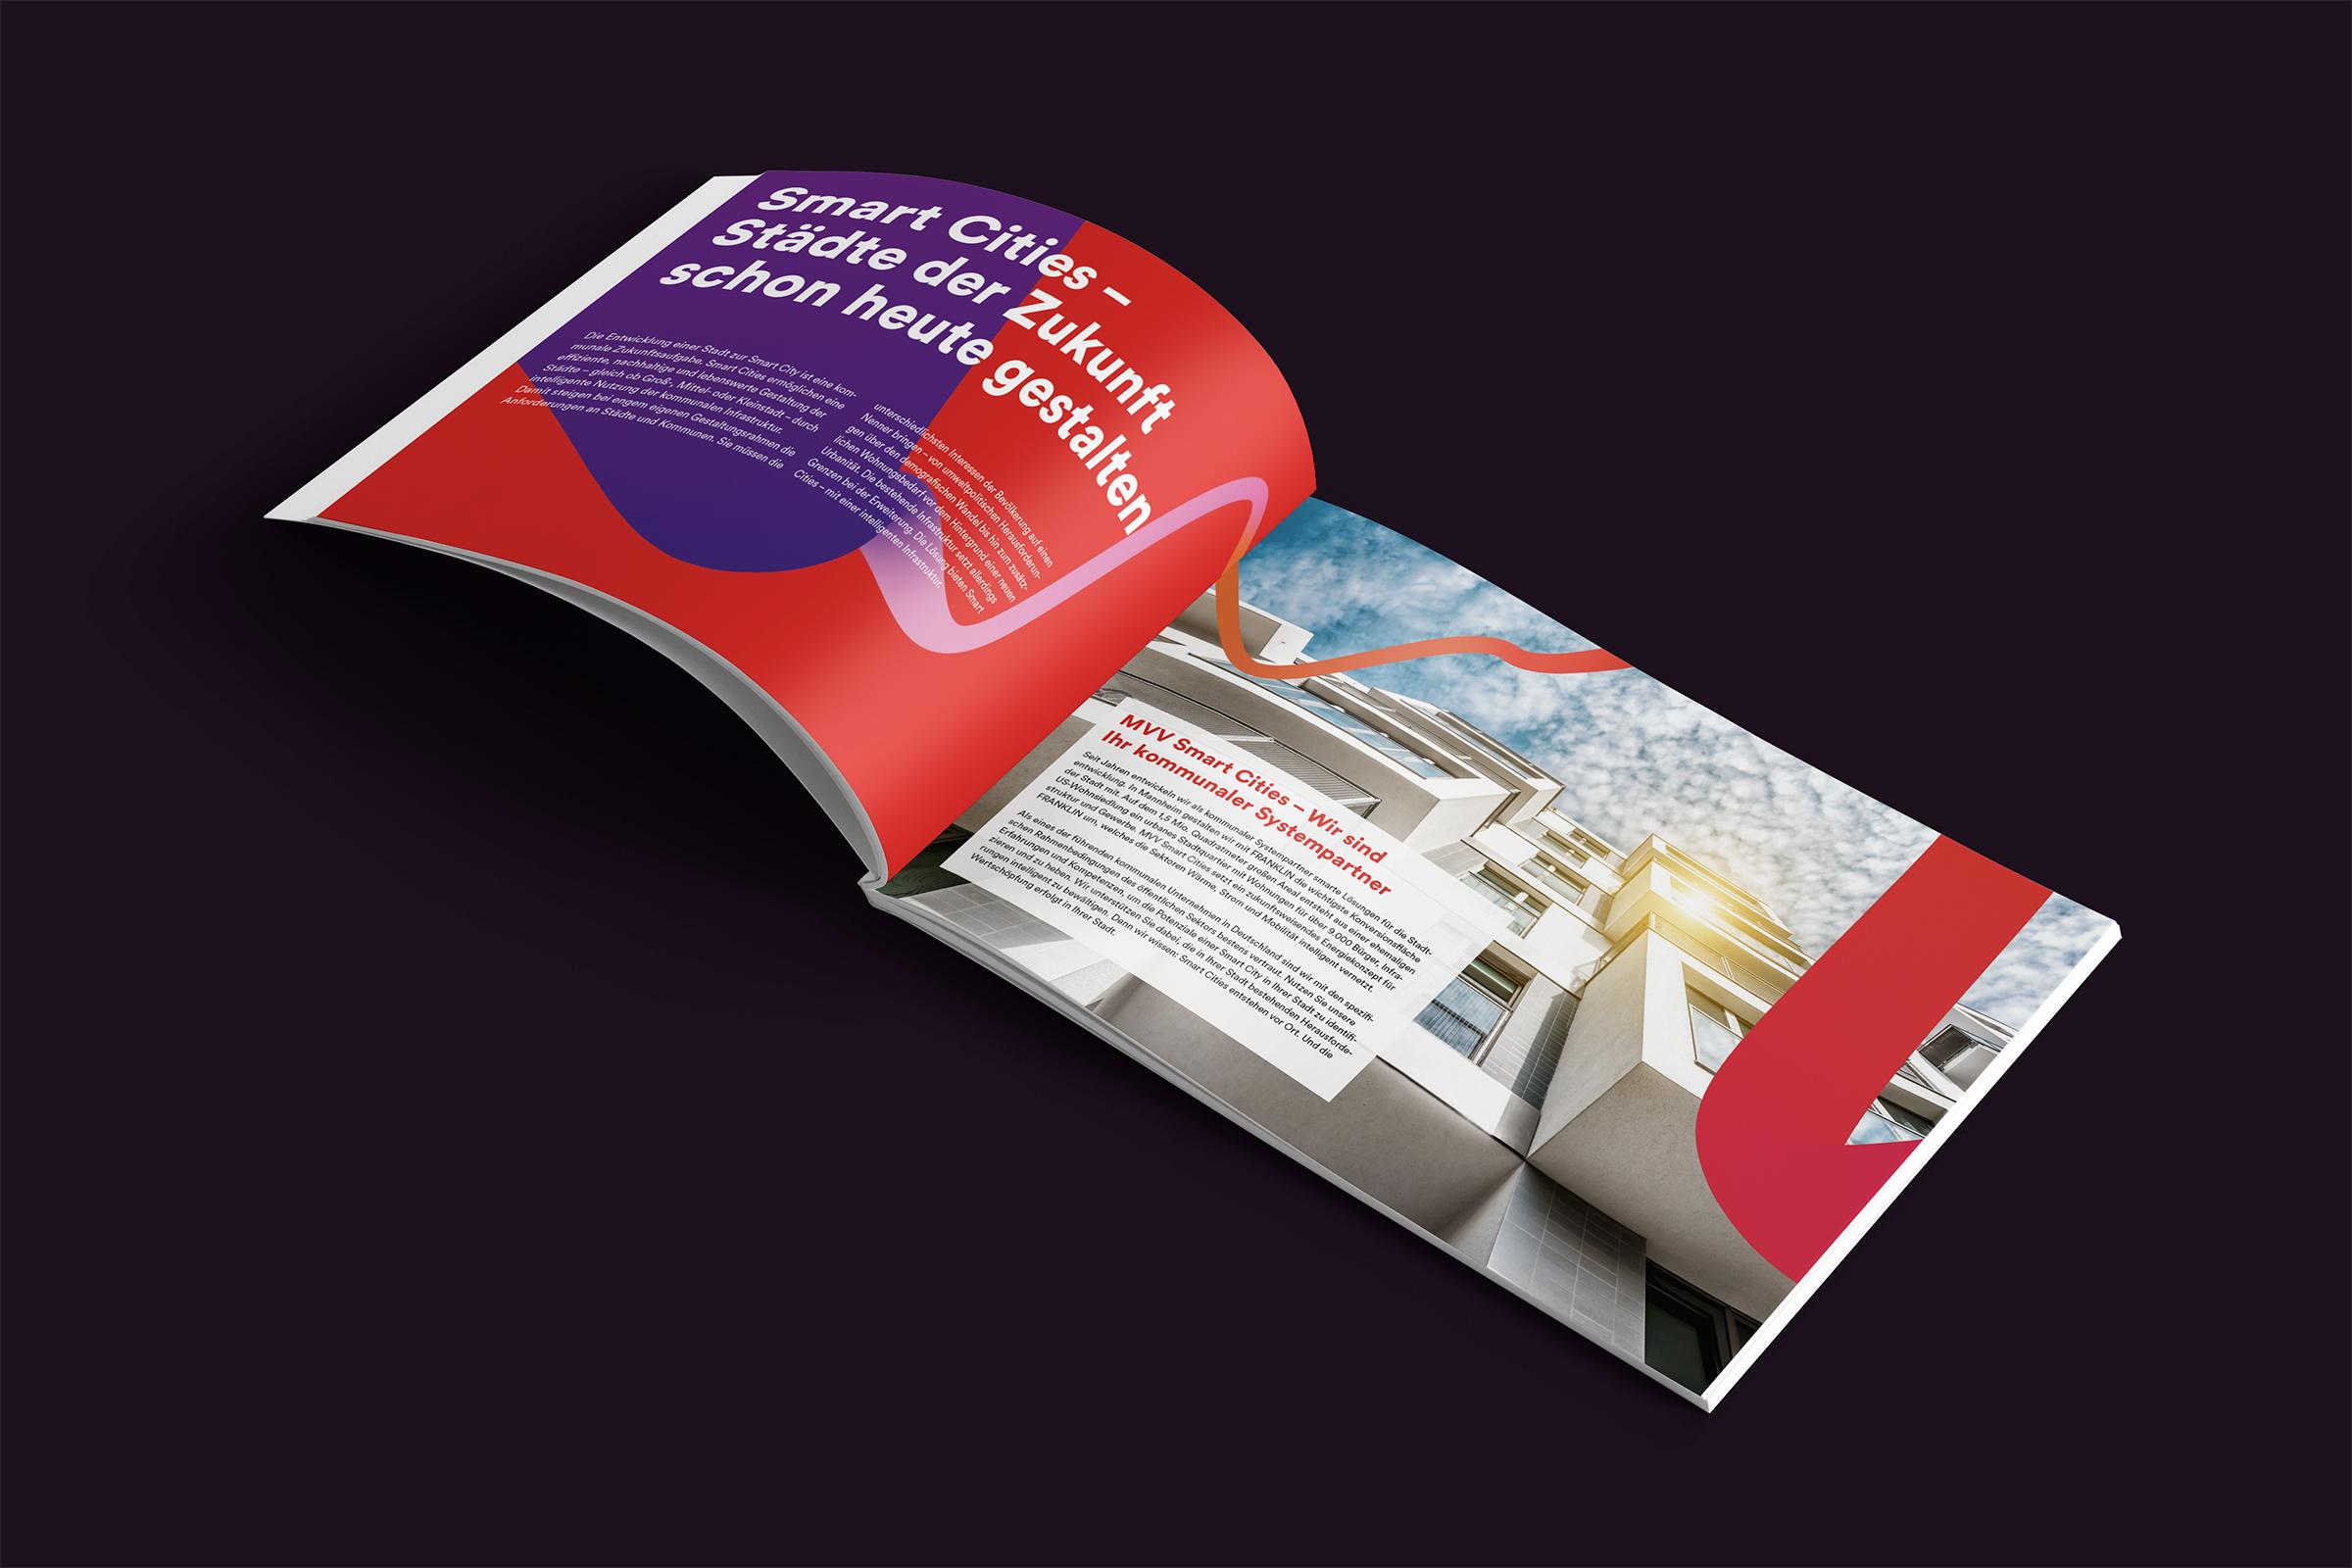 design und content marketing mvv smart city neues gestalten. Black Bedroom Furniture Sets. Home Design Ideas